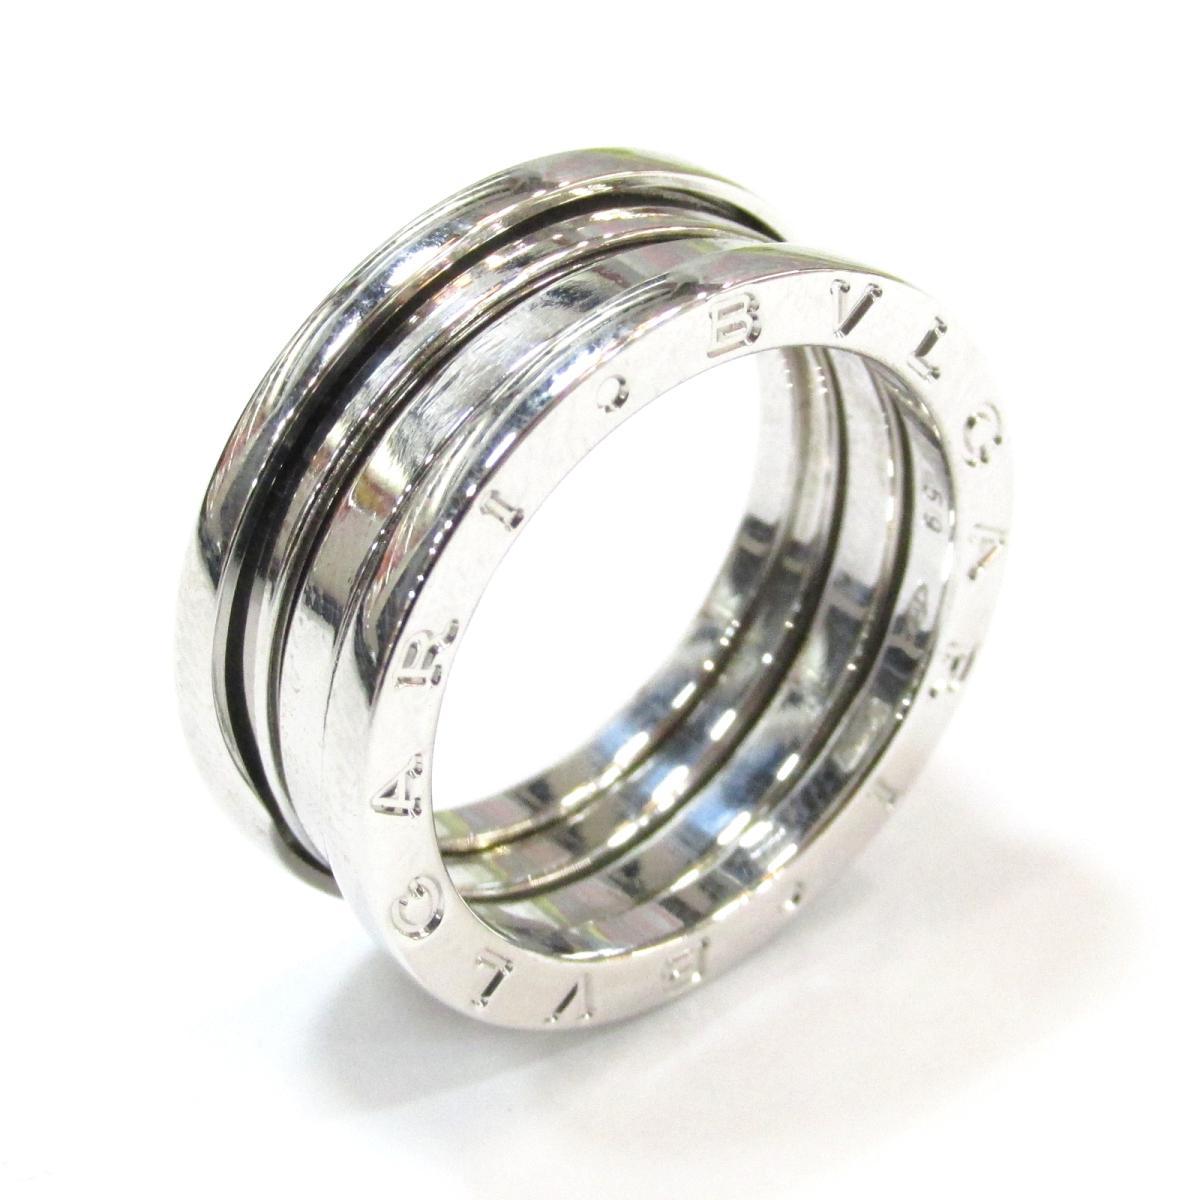 63565c7e07e3 全品ポイント9倍】 【中古】ブルガリ B-zero1 リング Sサイズ 指輪 ...